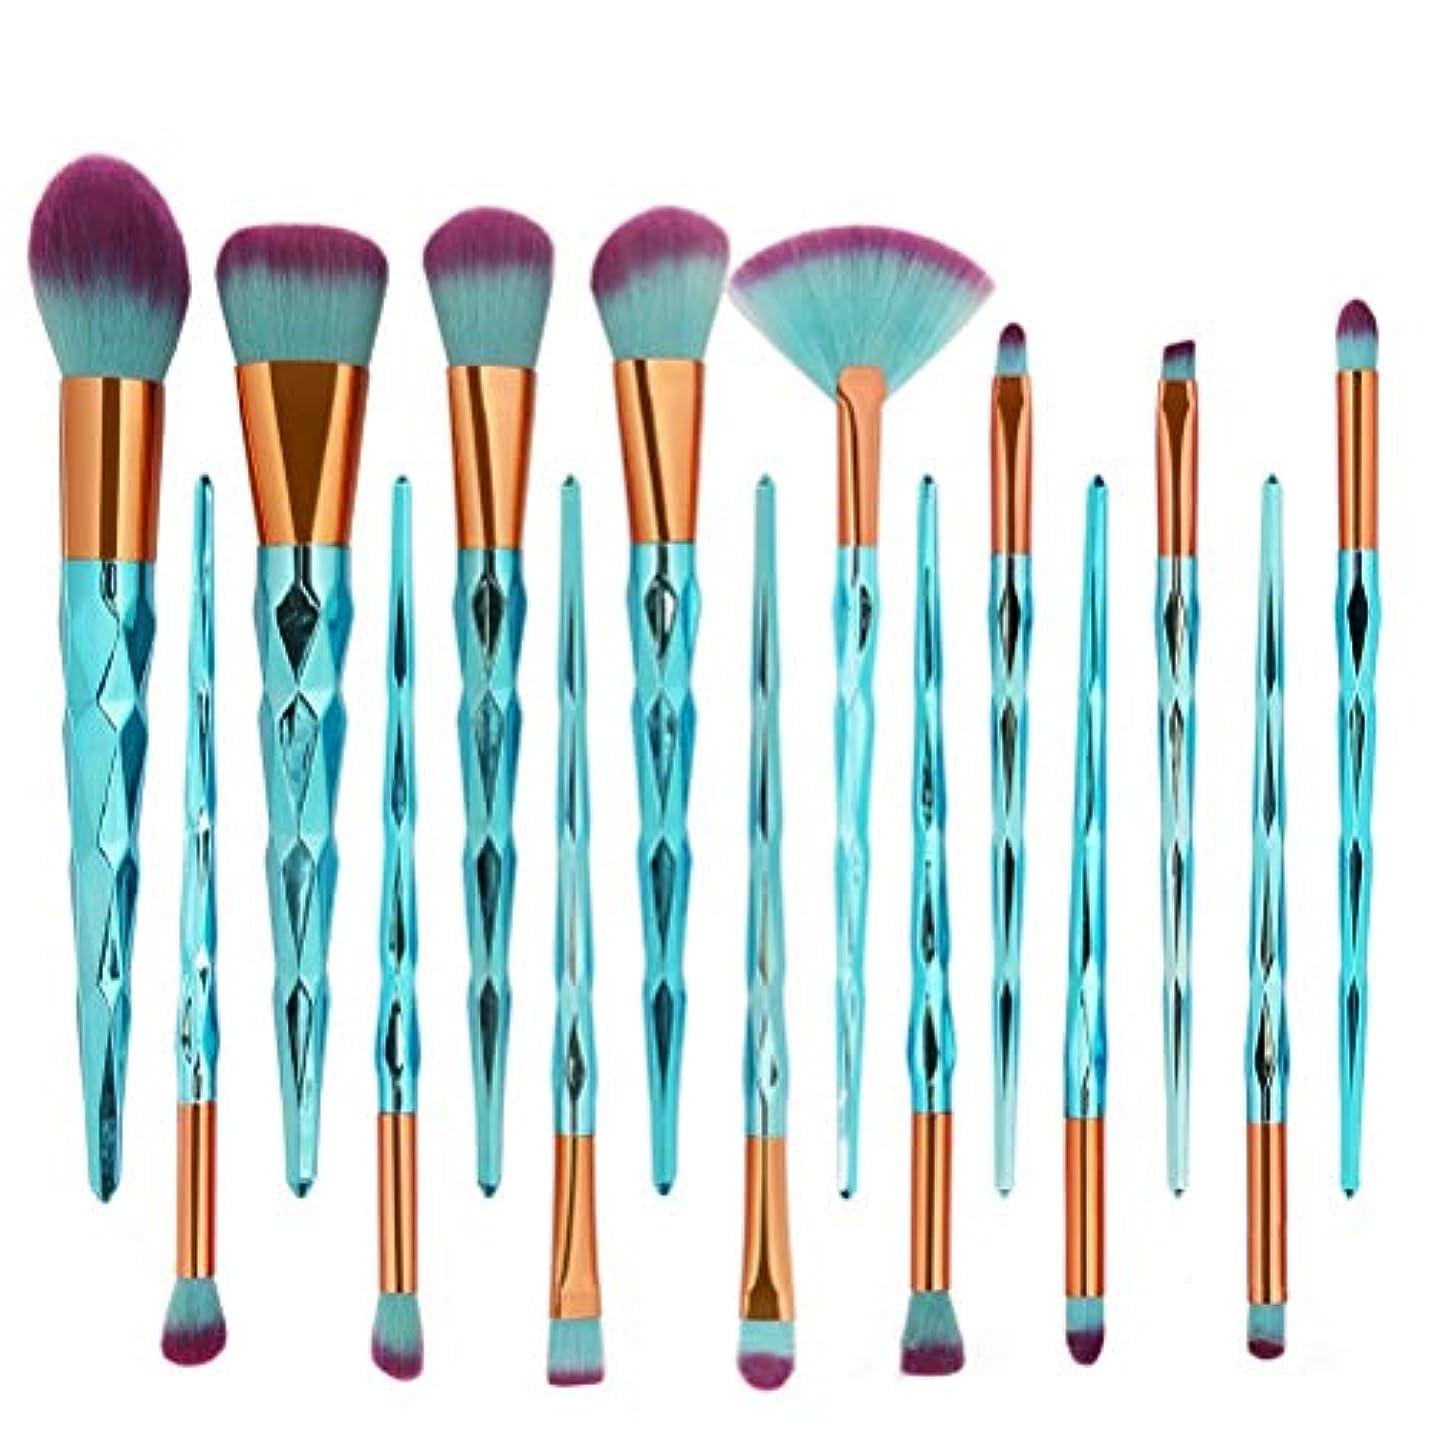 令状混合した運搬LSHJP 化粧ブラシ 15個 不規則な 個性的 柔らか 安心 便利 ファッション 自然 ビューティー 高品質 高品質 (Color : 緑, Size : ワンサイズ)